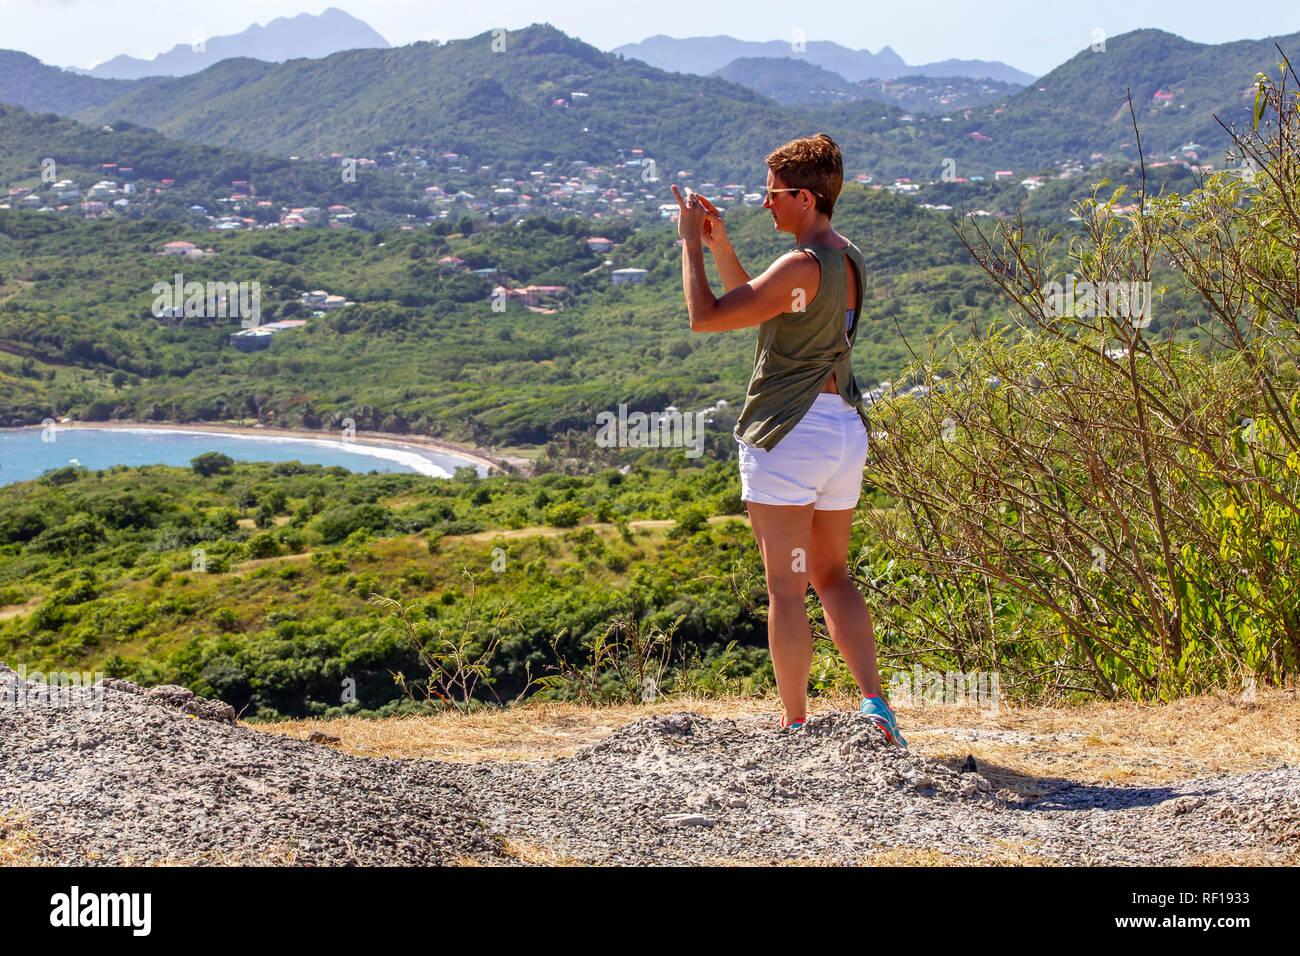 Santa Lucía, una de las Islas de Barlovento en el Caribe. Foto de stock